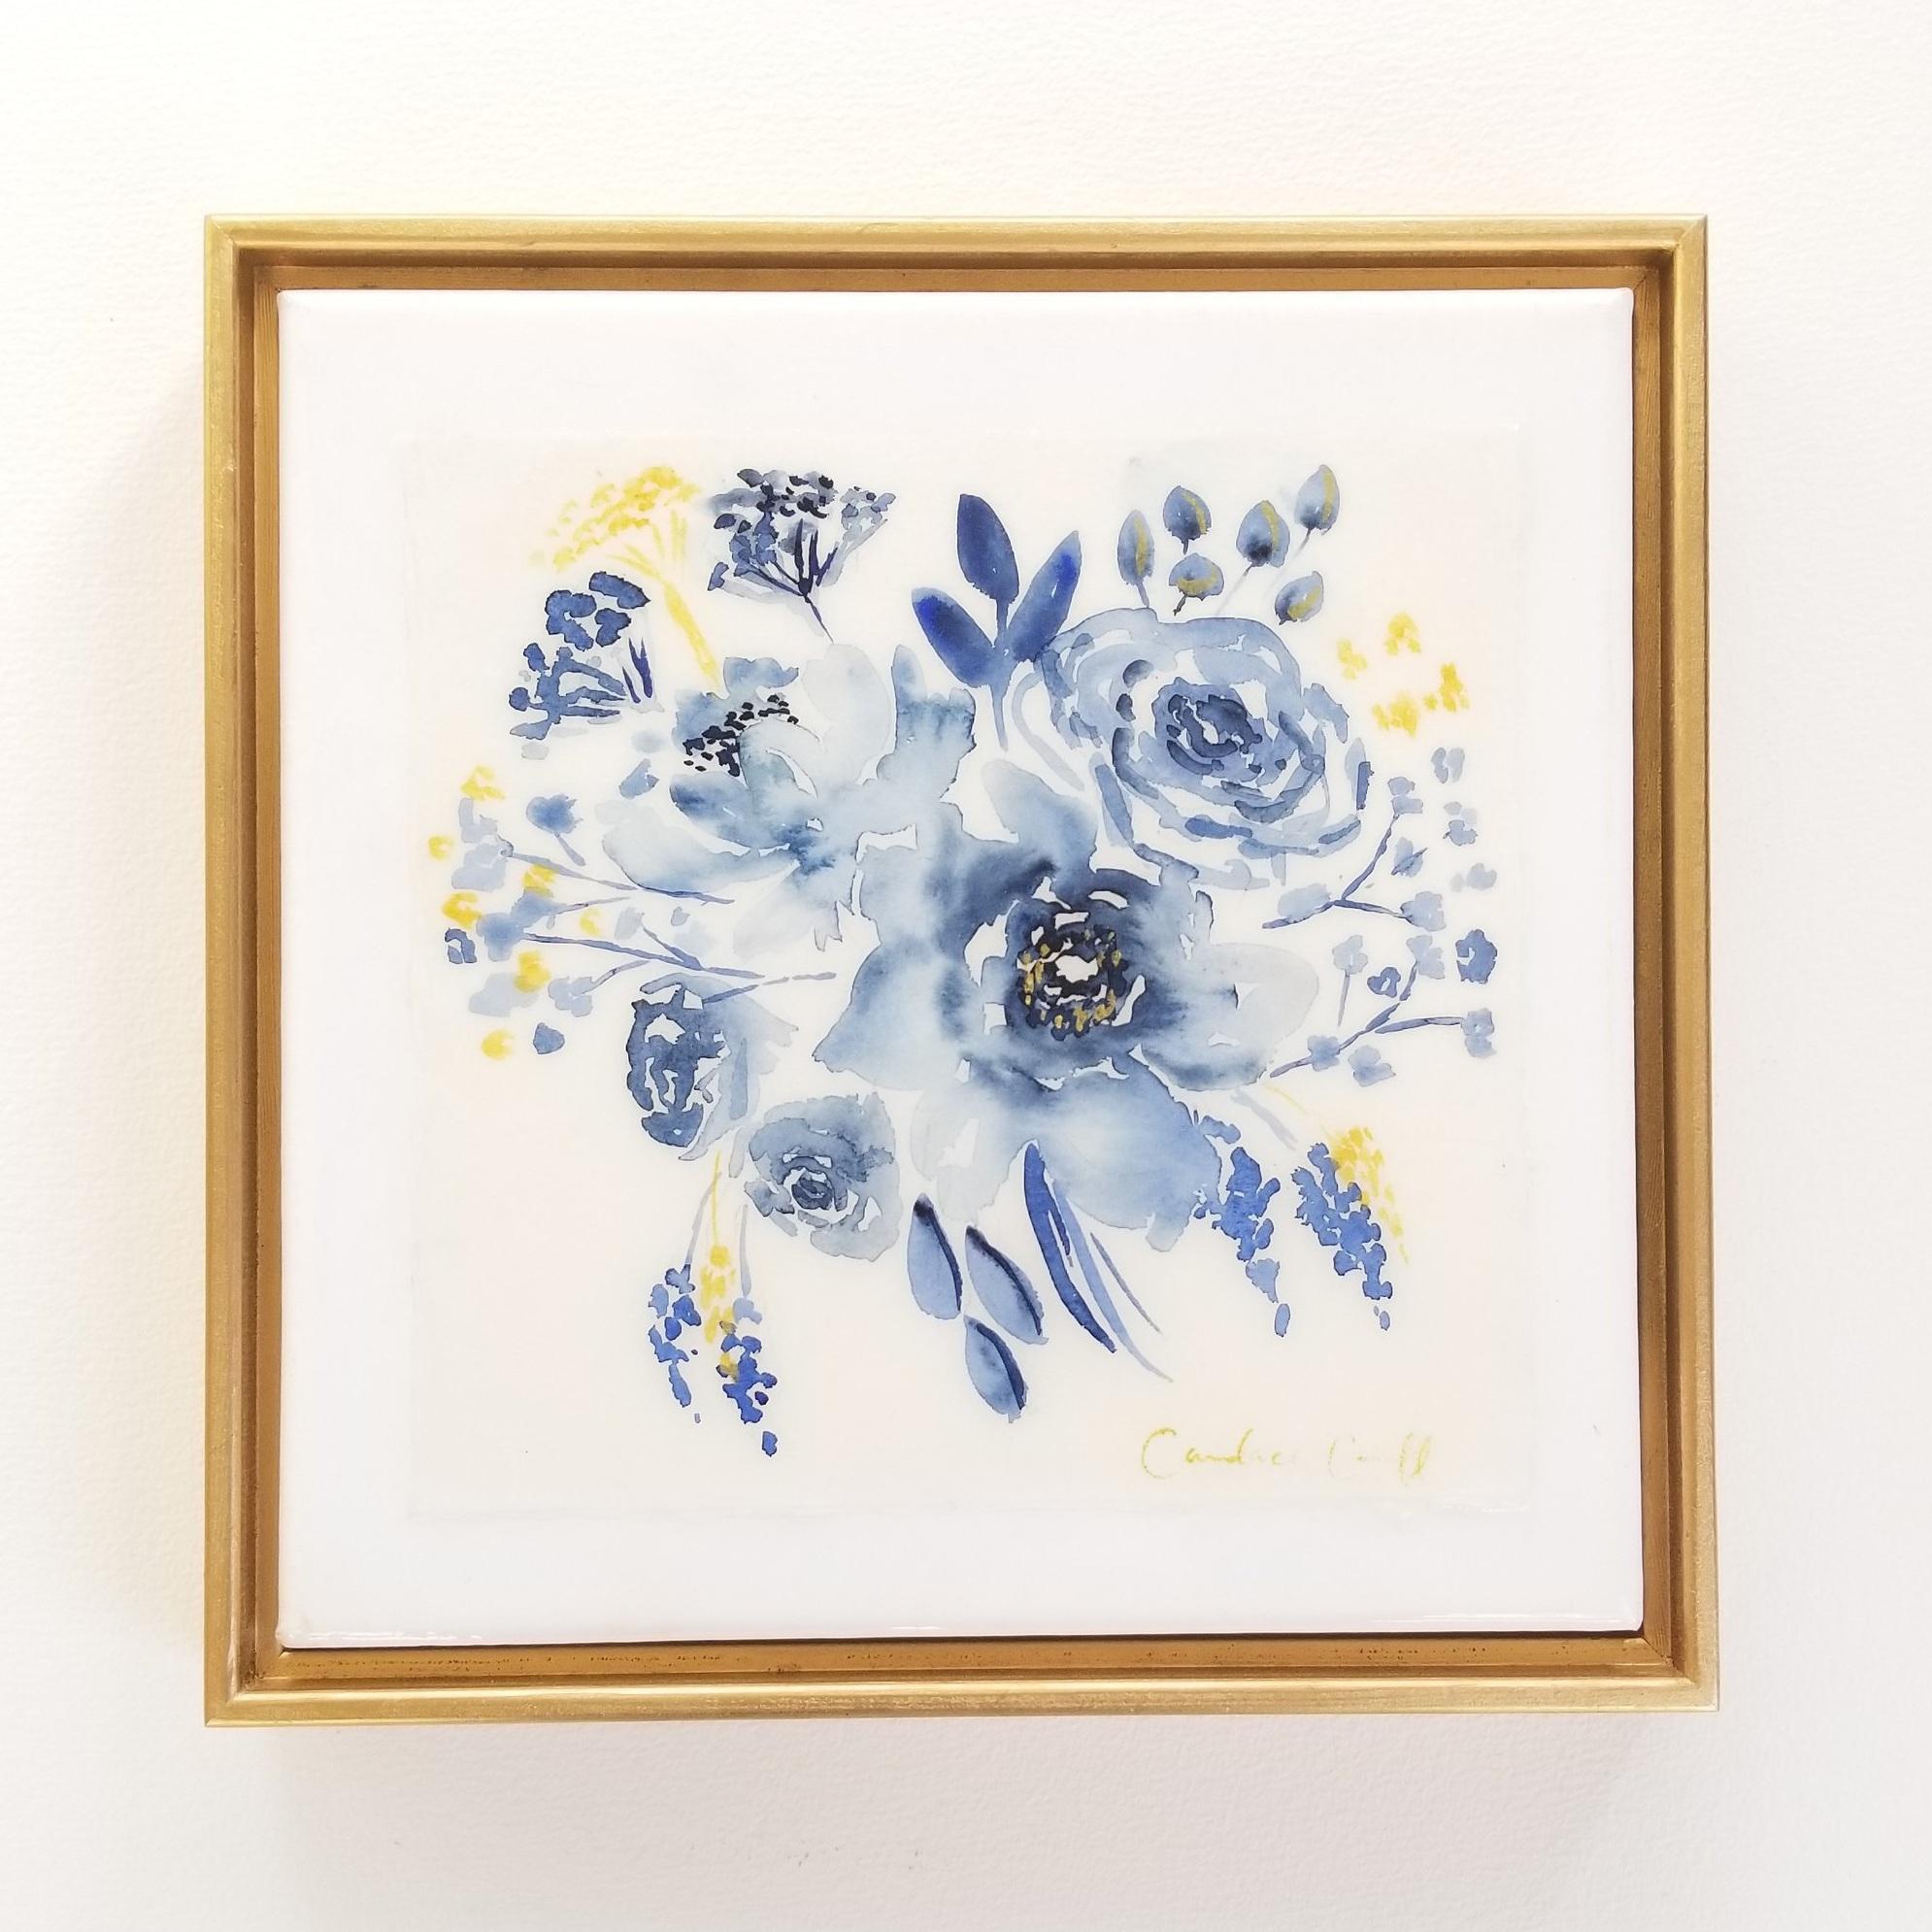 Indigo floral - SOLD